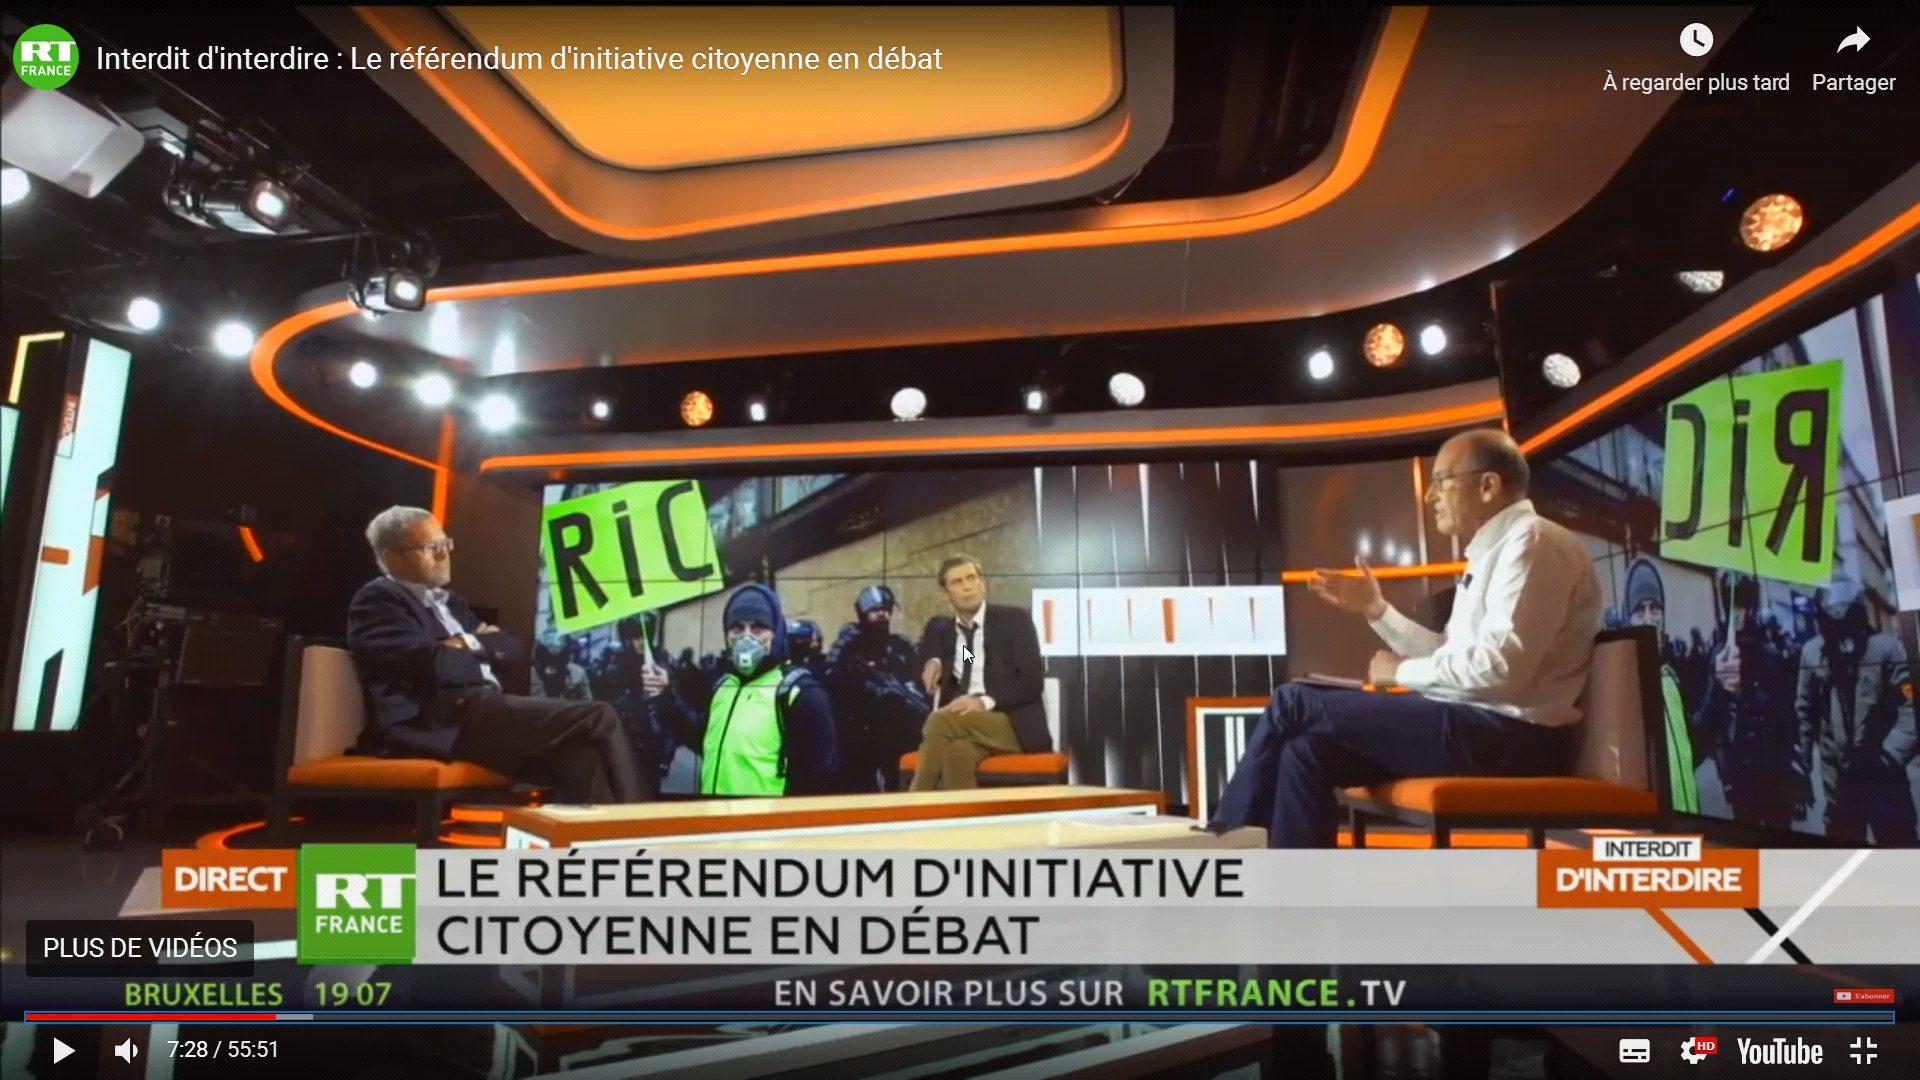 [RICs LIBRES et contagieux – DÉMOCRATIE VRAIE] Dans l'Aveyron, des Gilets jaunes ont organisé EUX-MÊMES un RIC local!